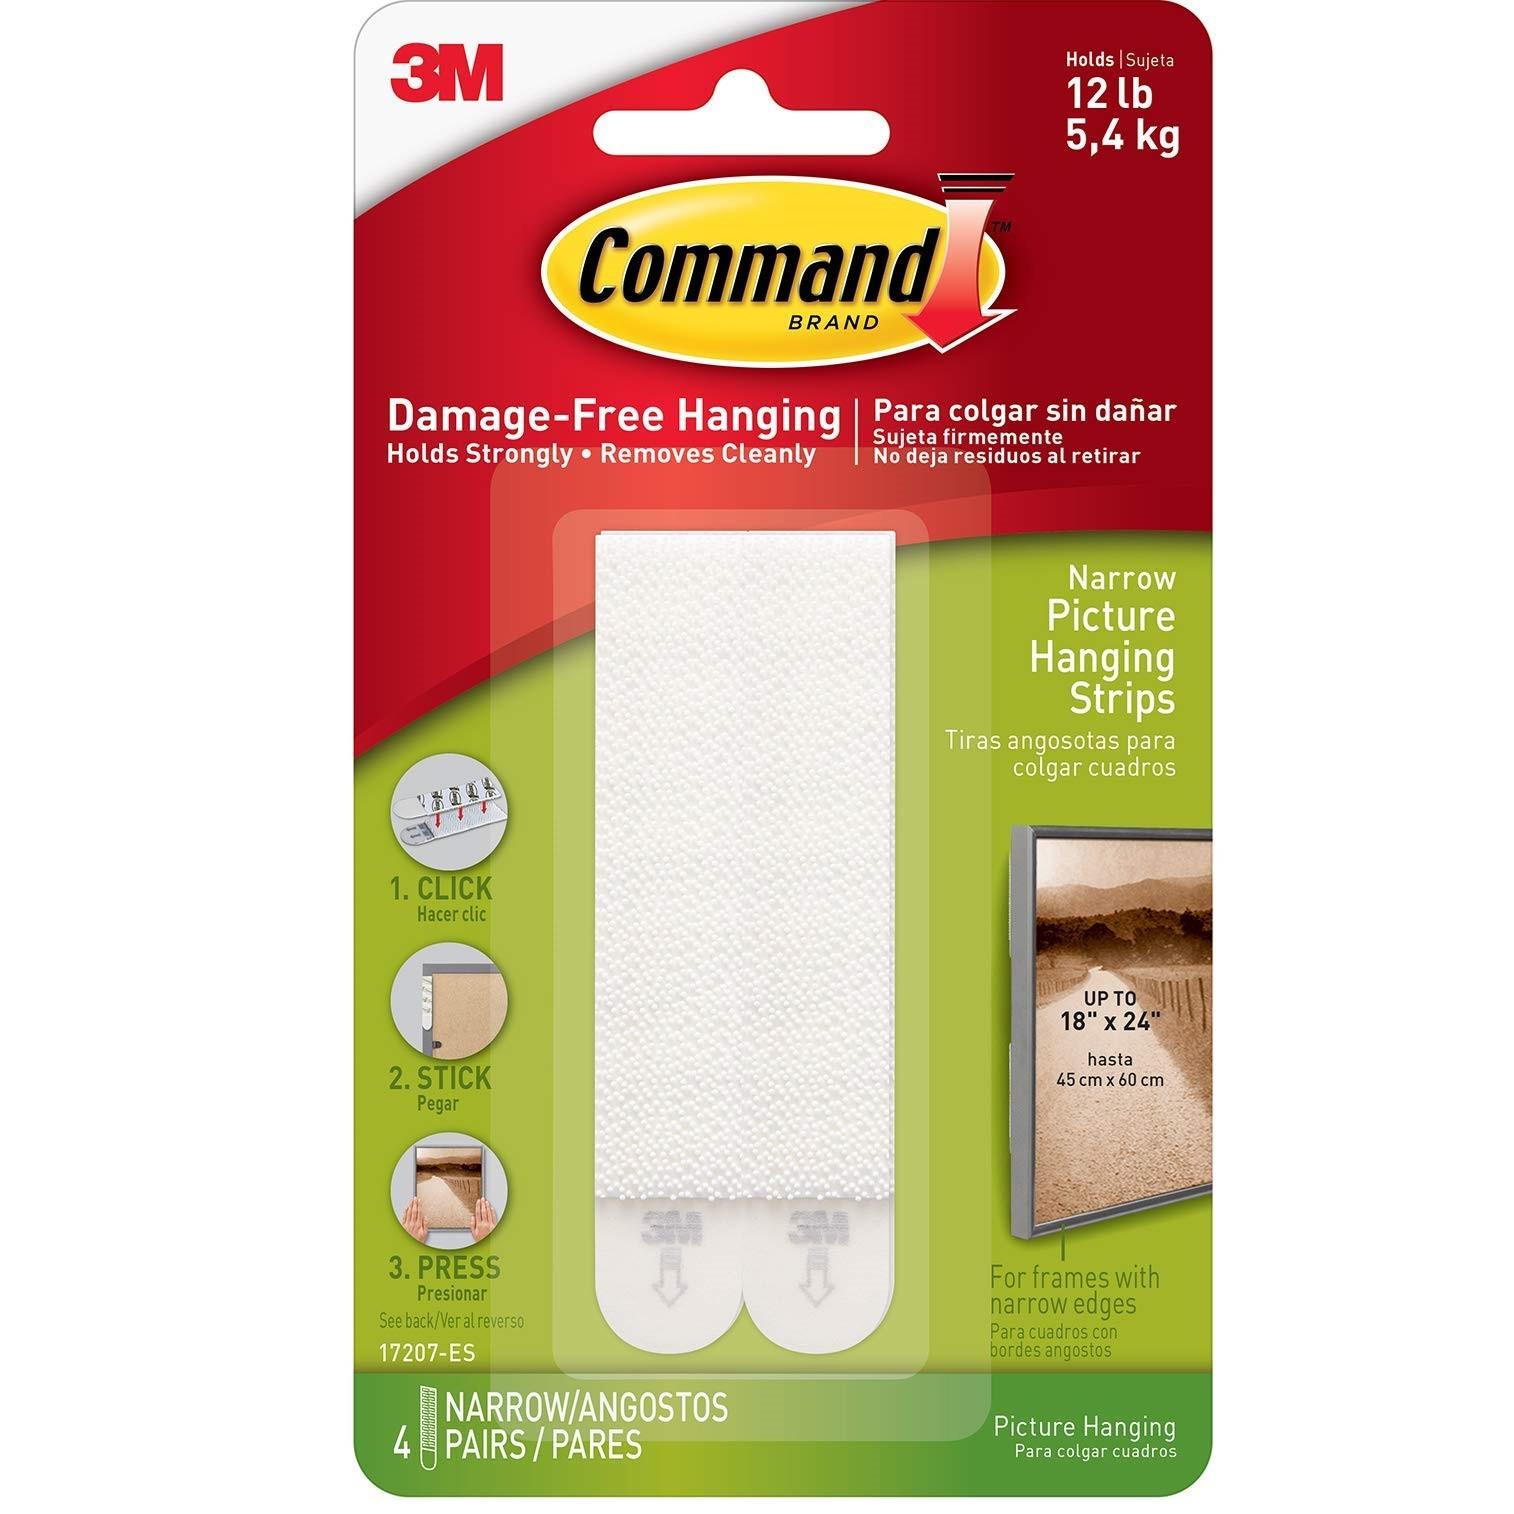 3M Command smalle strips til billedophæng, hvid, 4 x 2 strips,